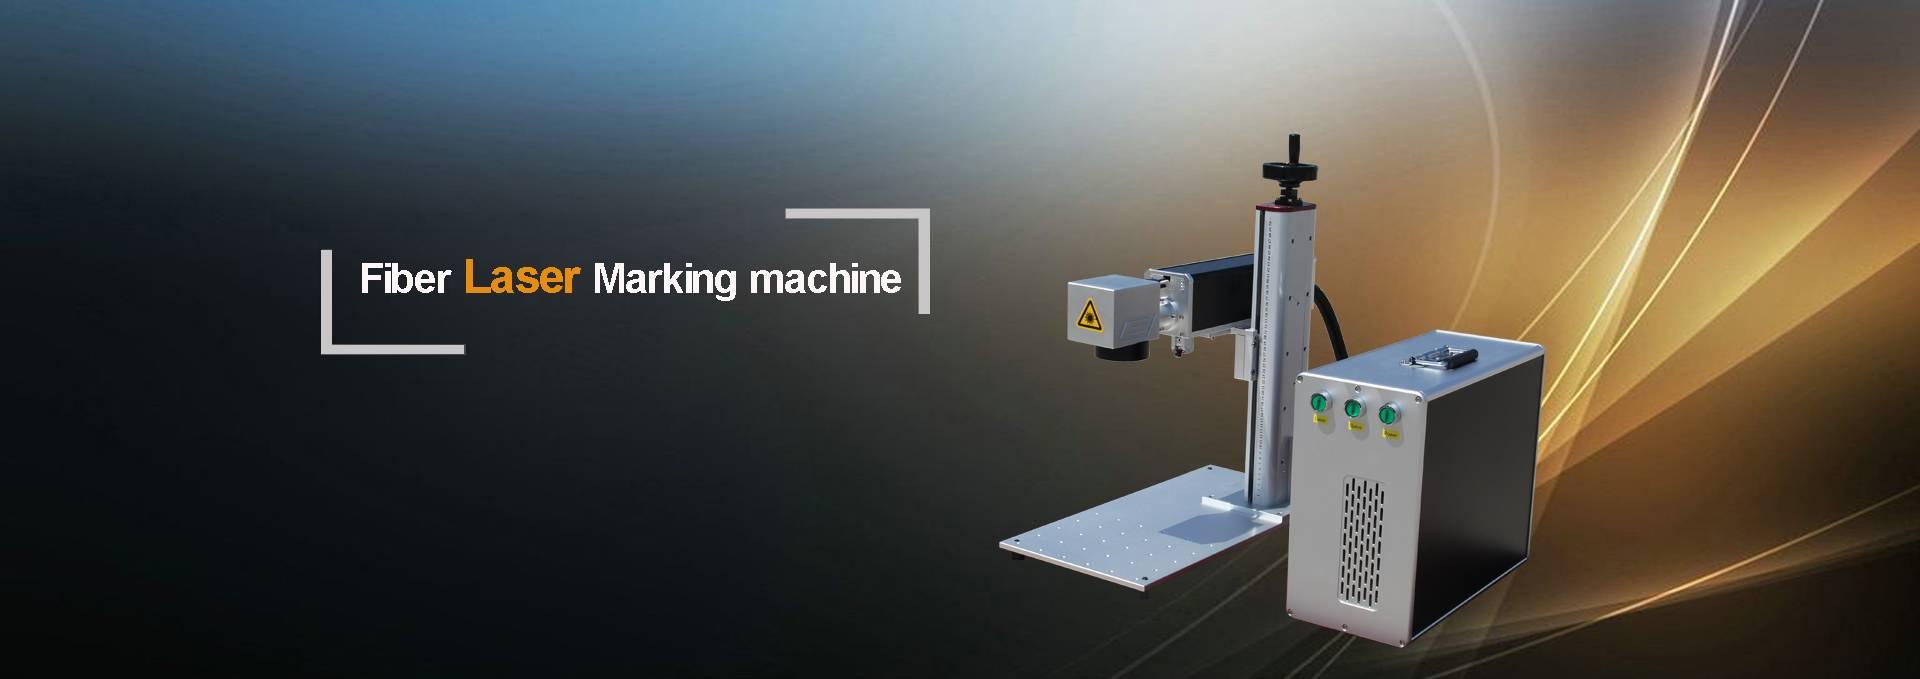 mopa-fiber-laser-marking-machine